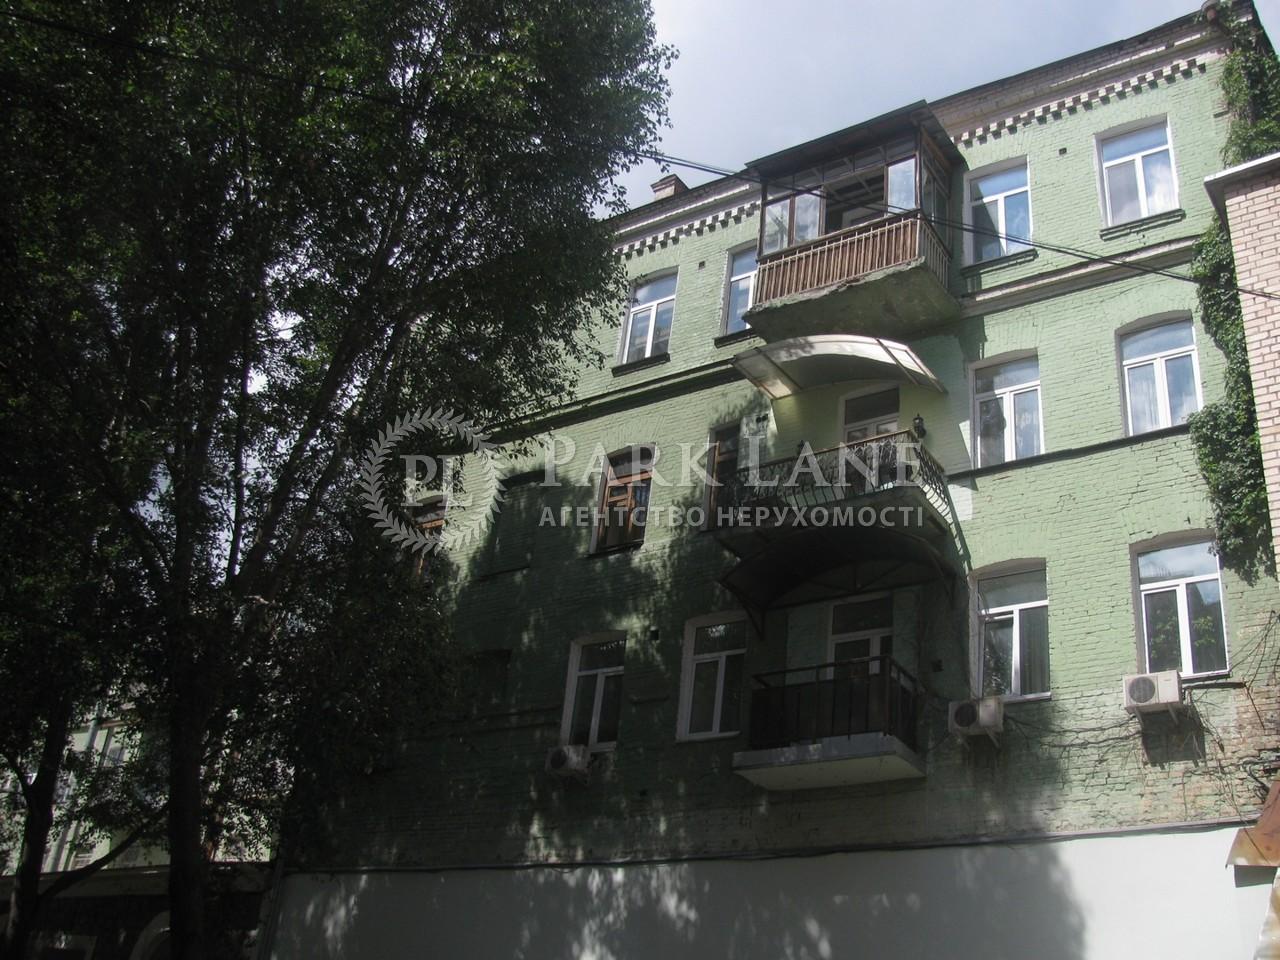 Квартира ул. Пушкинская, 9б, Киев, R-12340 - Фото 1